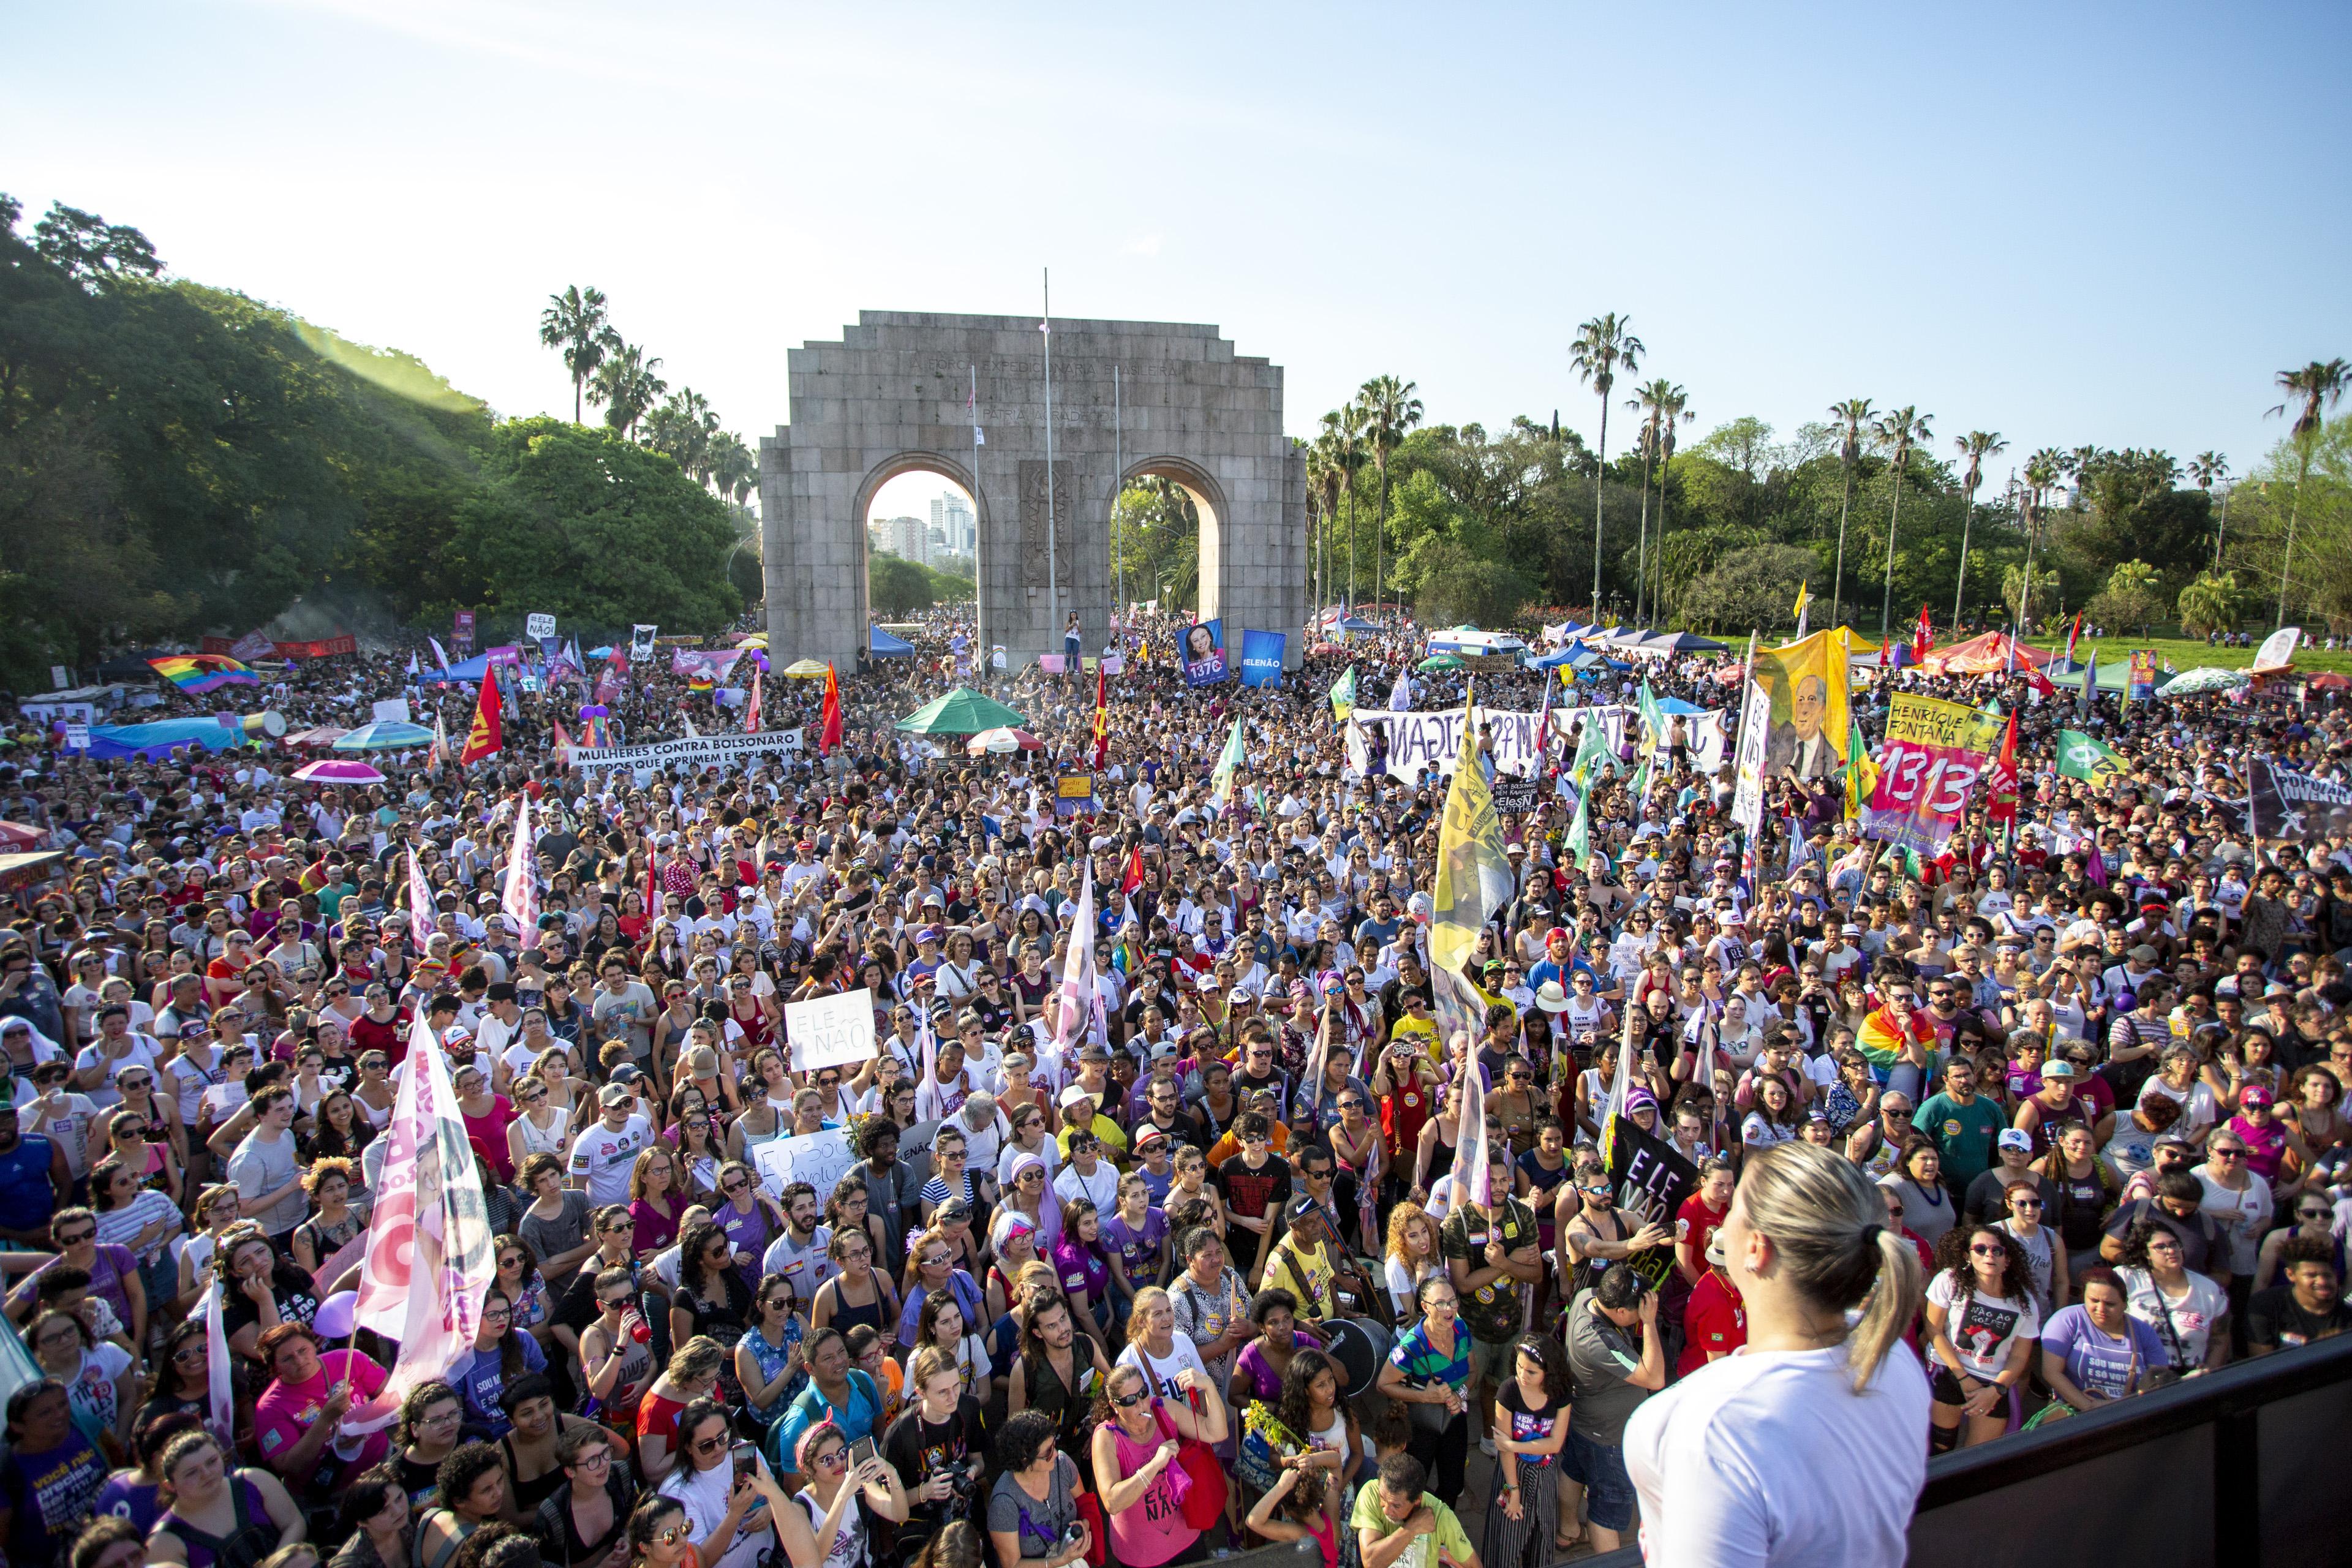 In Porto Alegre protestierten im September Tausende Brasilianer gegen den Präsidentschaftskandidaten. Foto: CPERS Sindicato, https://www.flickr.com/photos/159643680@N04/31143891048/, CC-BY-SA 2.0